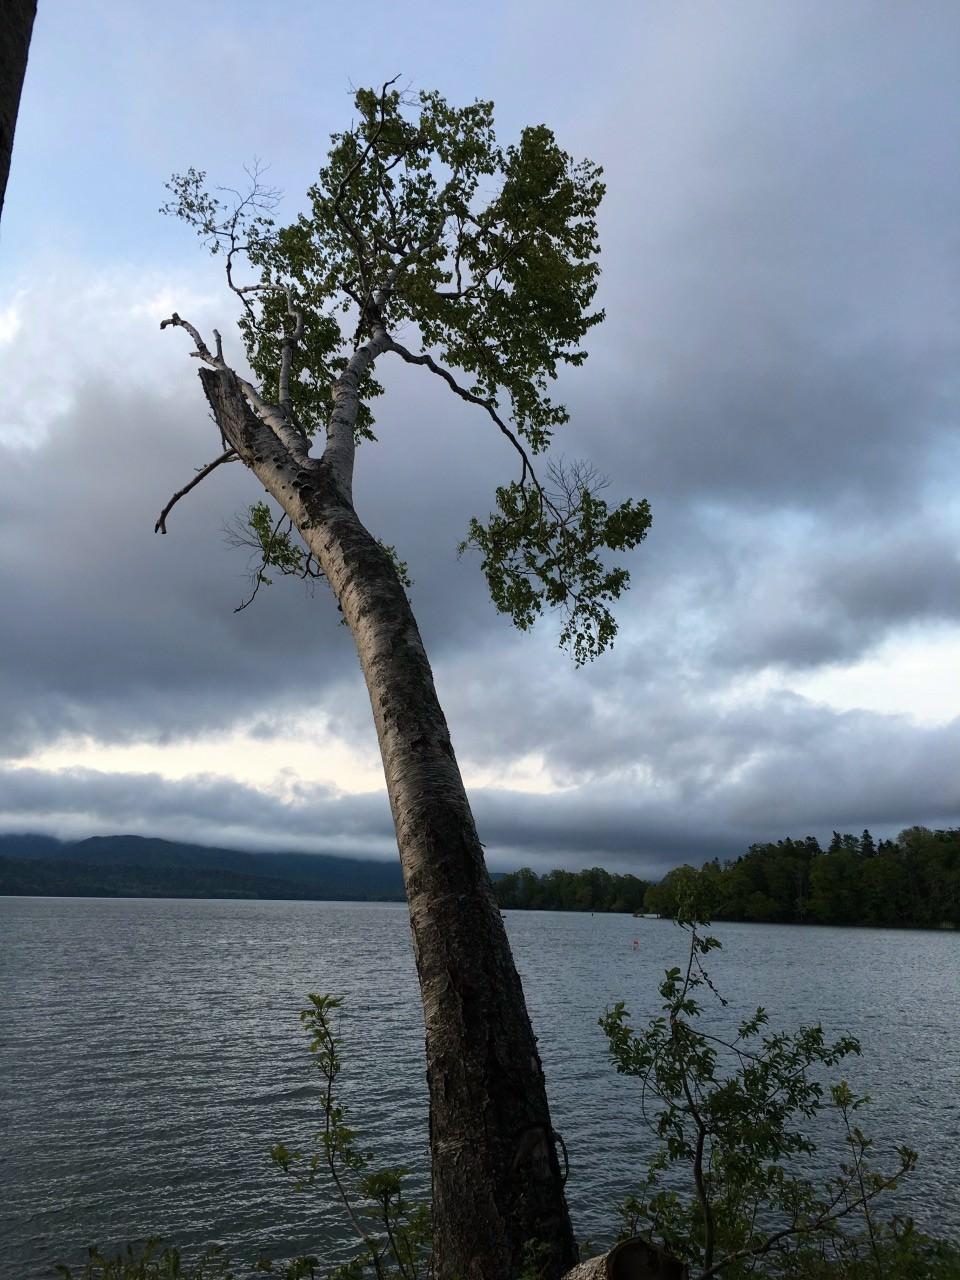 Lake Akanko